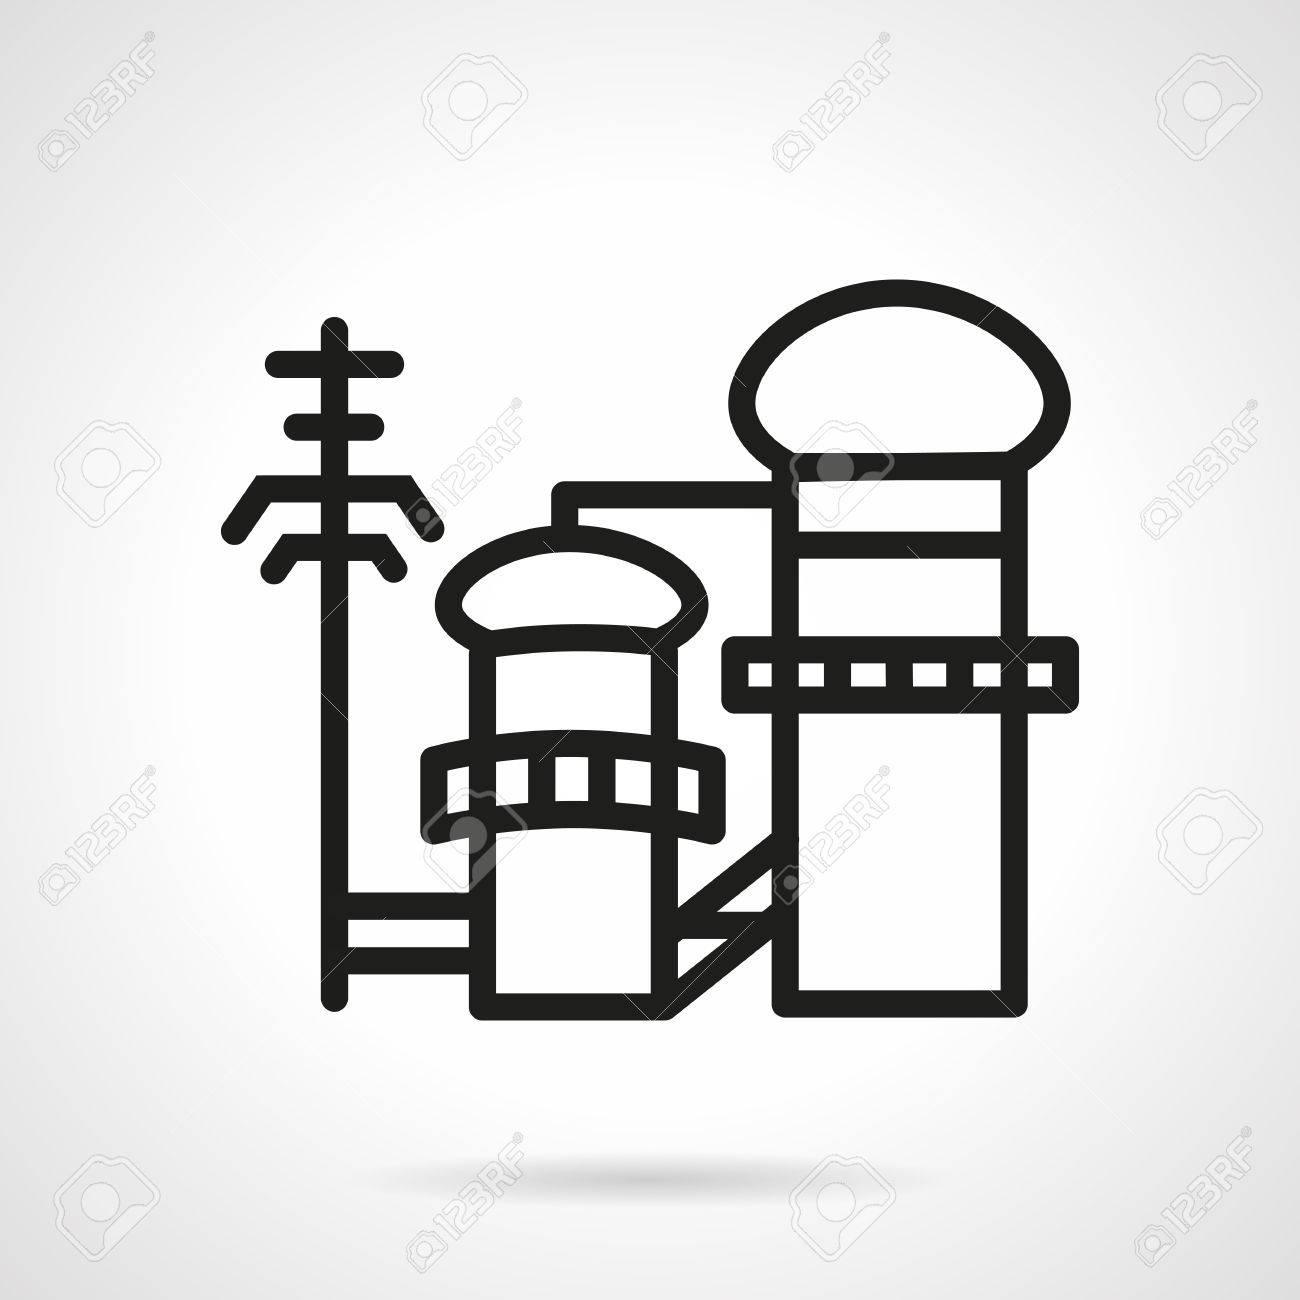 Einfache Flache Farbe Vektor-Symbol Für Die Zellstoff- Und ...